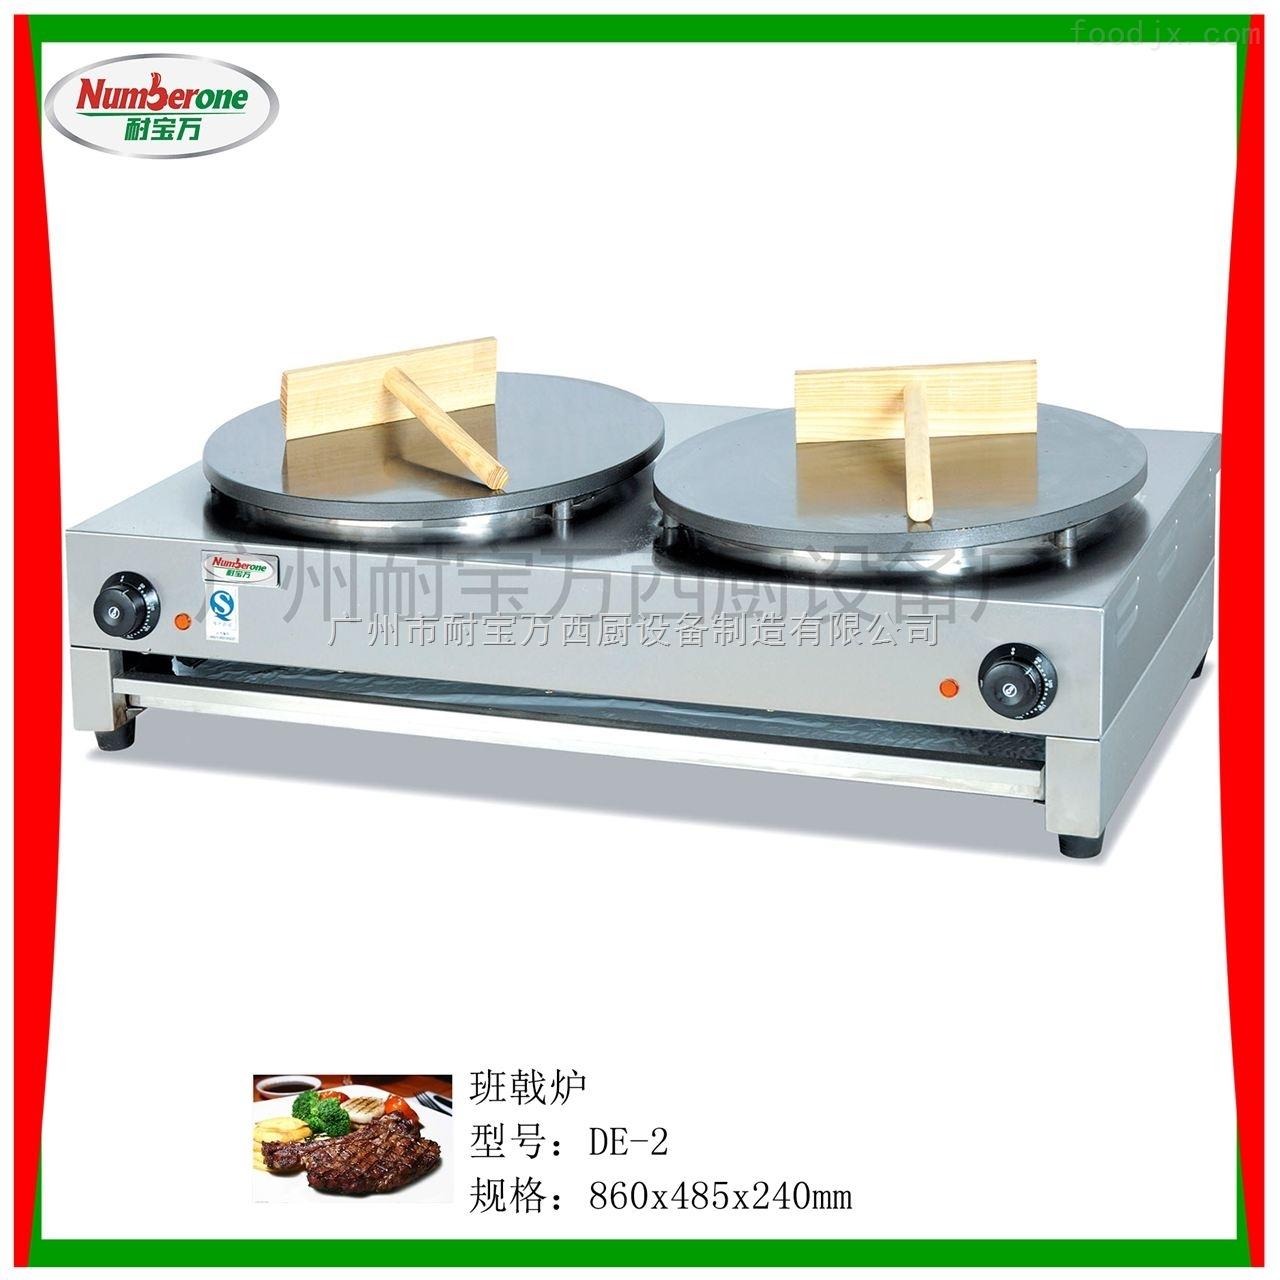 双头班戟炉/手抓饼机/电扒炉/煎饼机/炸炉/小吃设备/葱油饼机